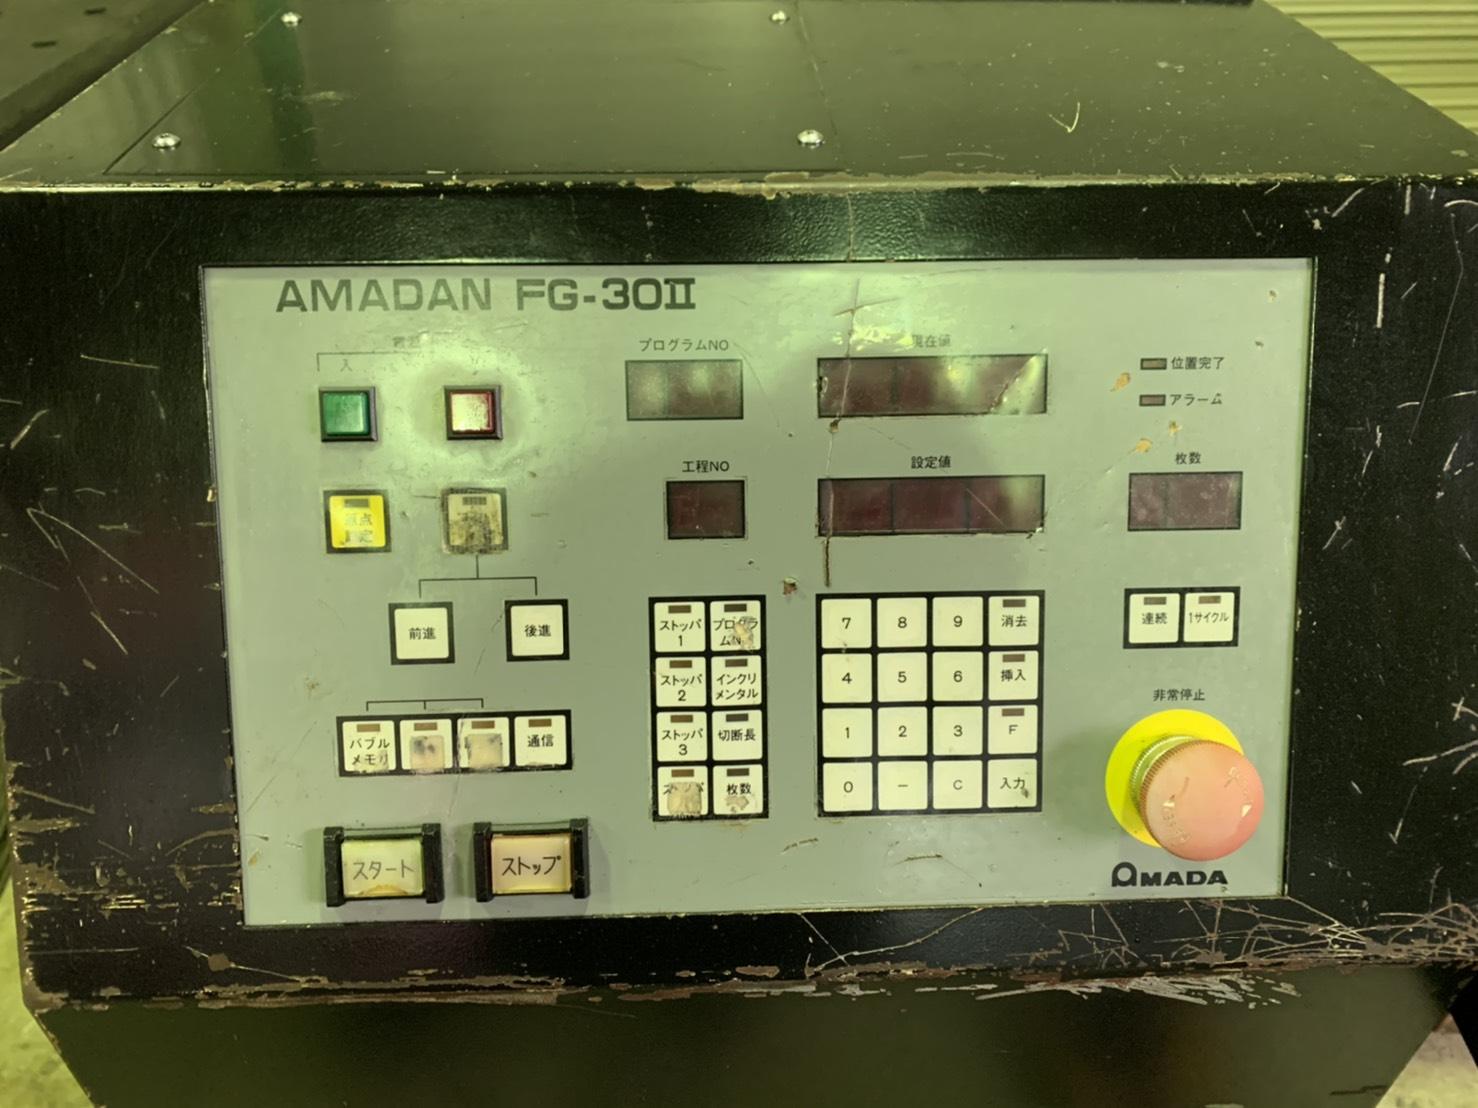 アマダ_FG-30II_フロントゲージ